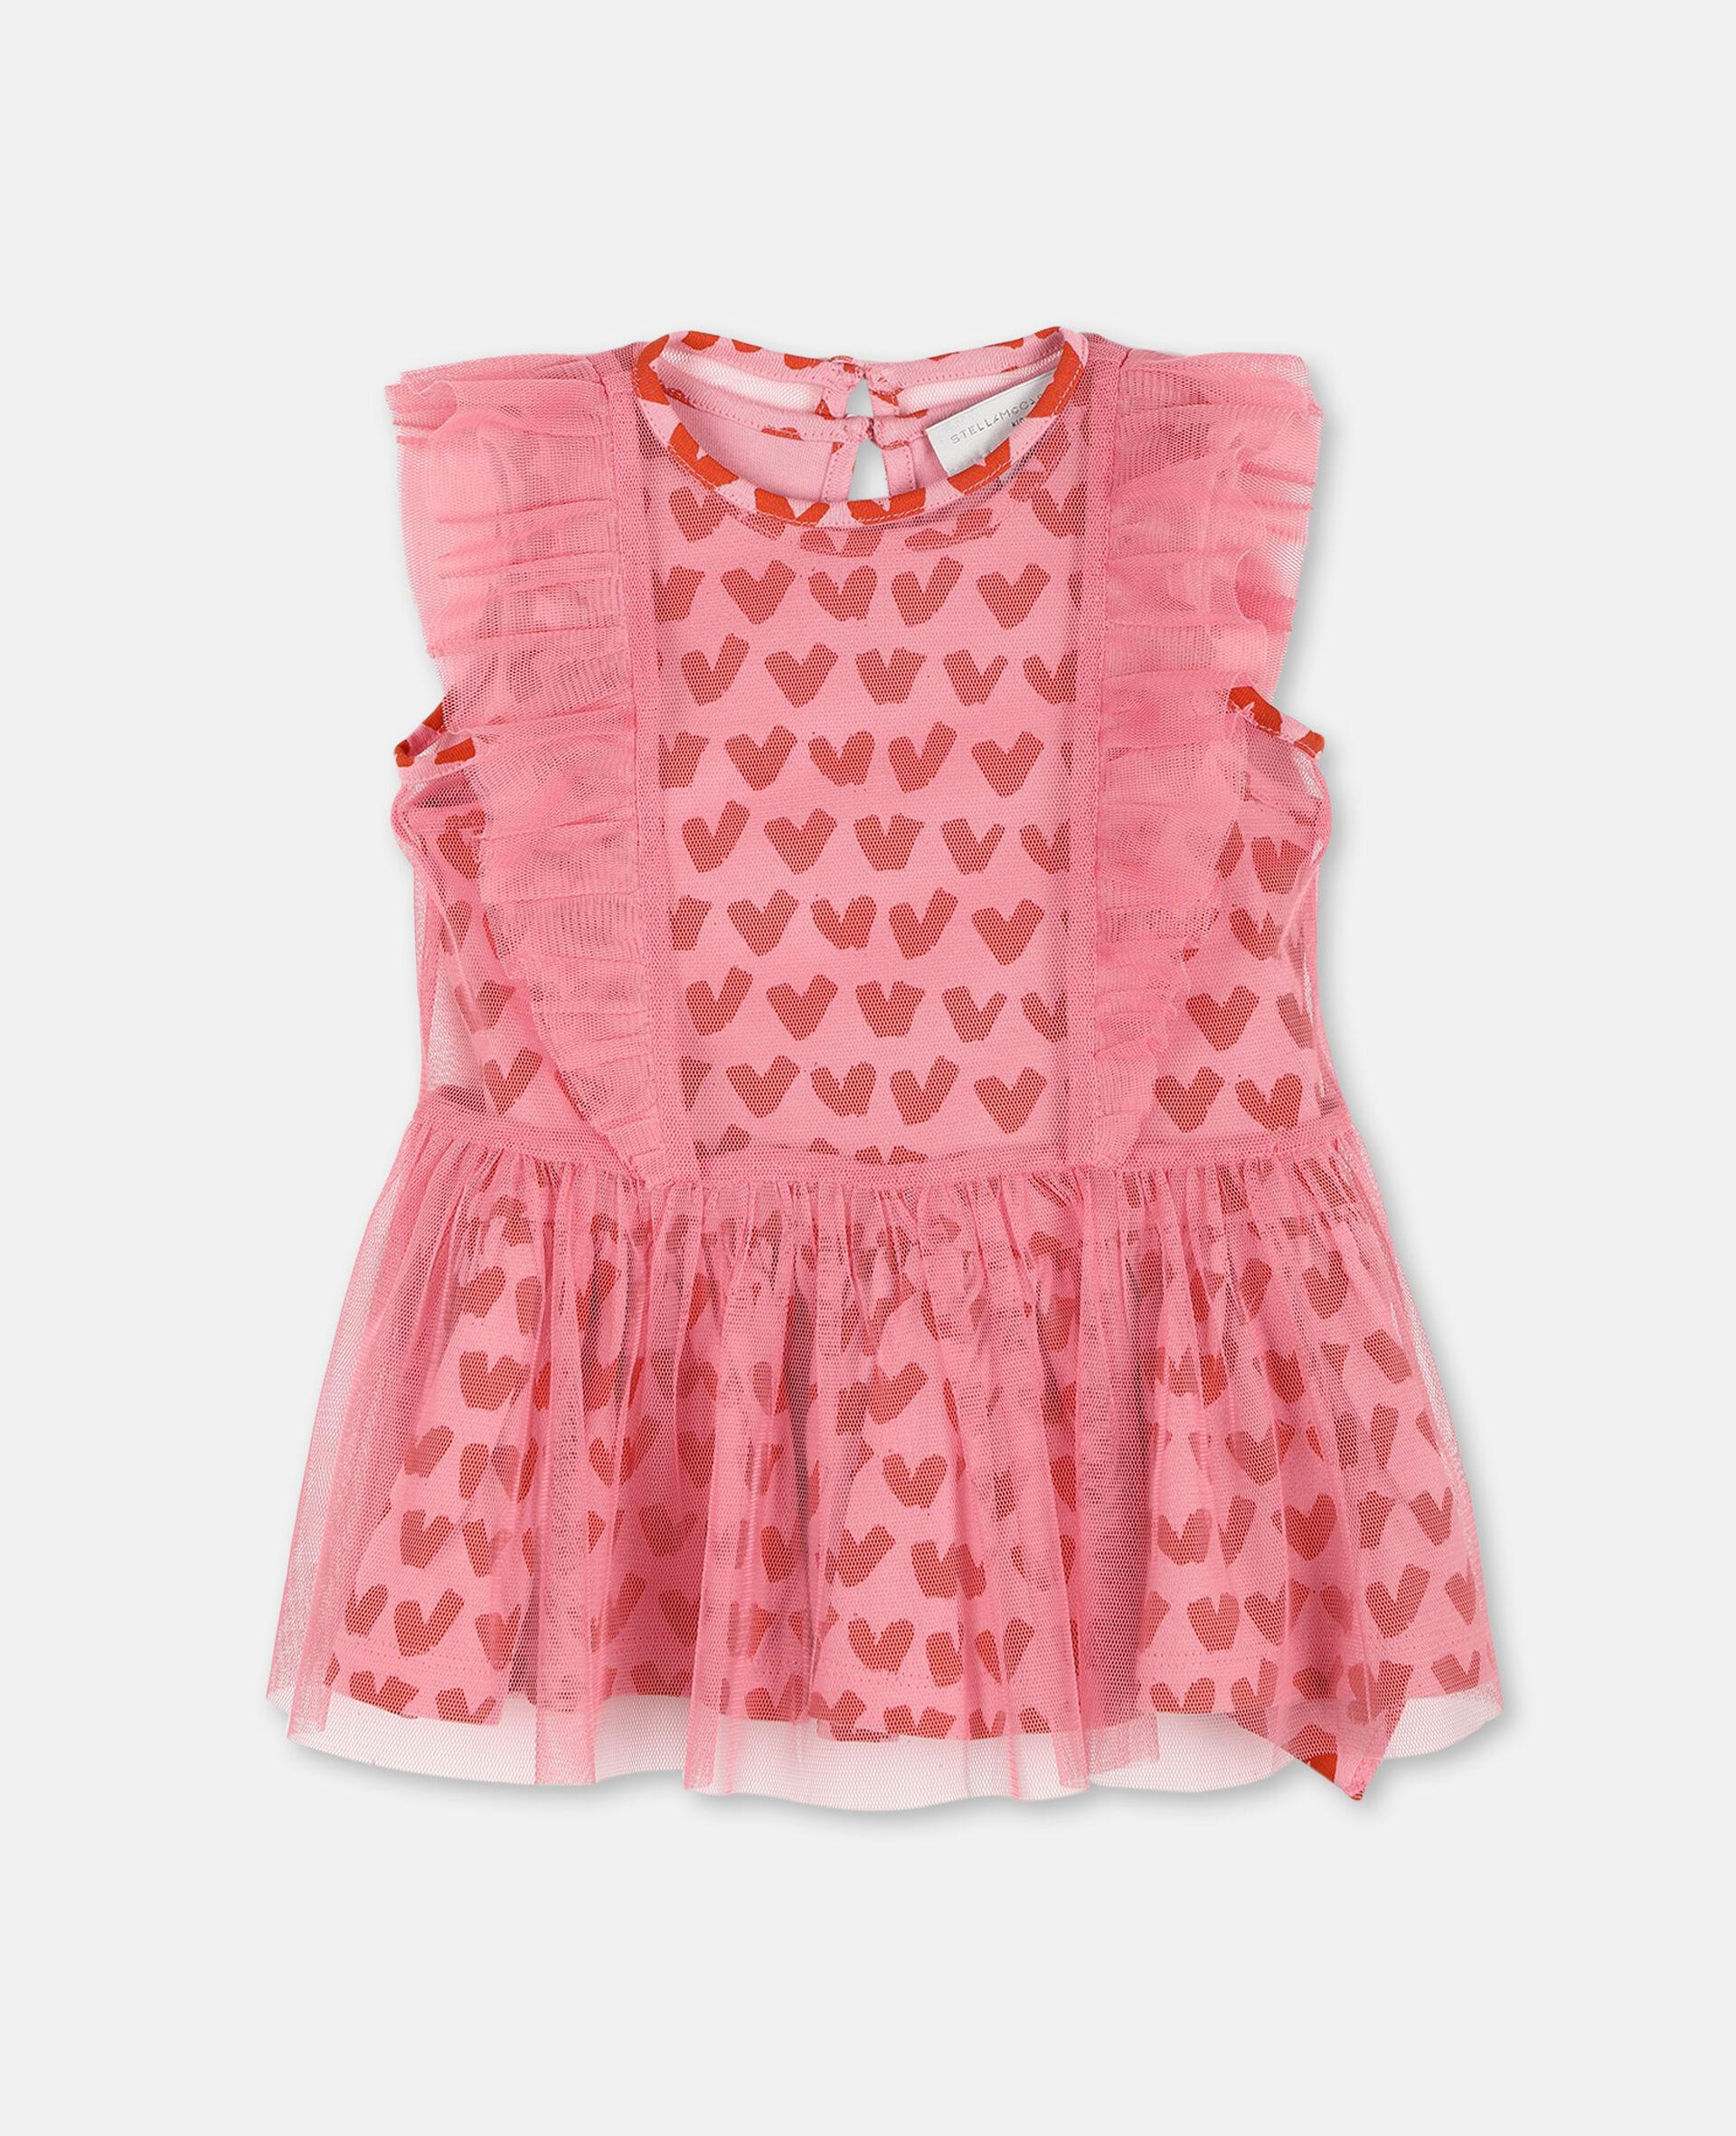 Kleid aus Tüll mit Herzen-Rose-large image number 0